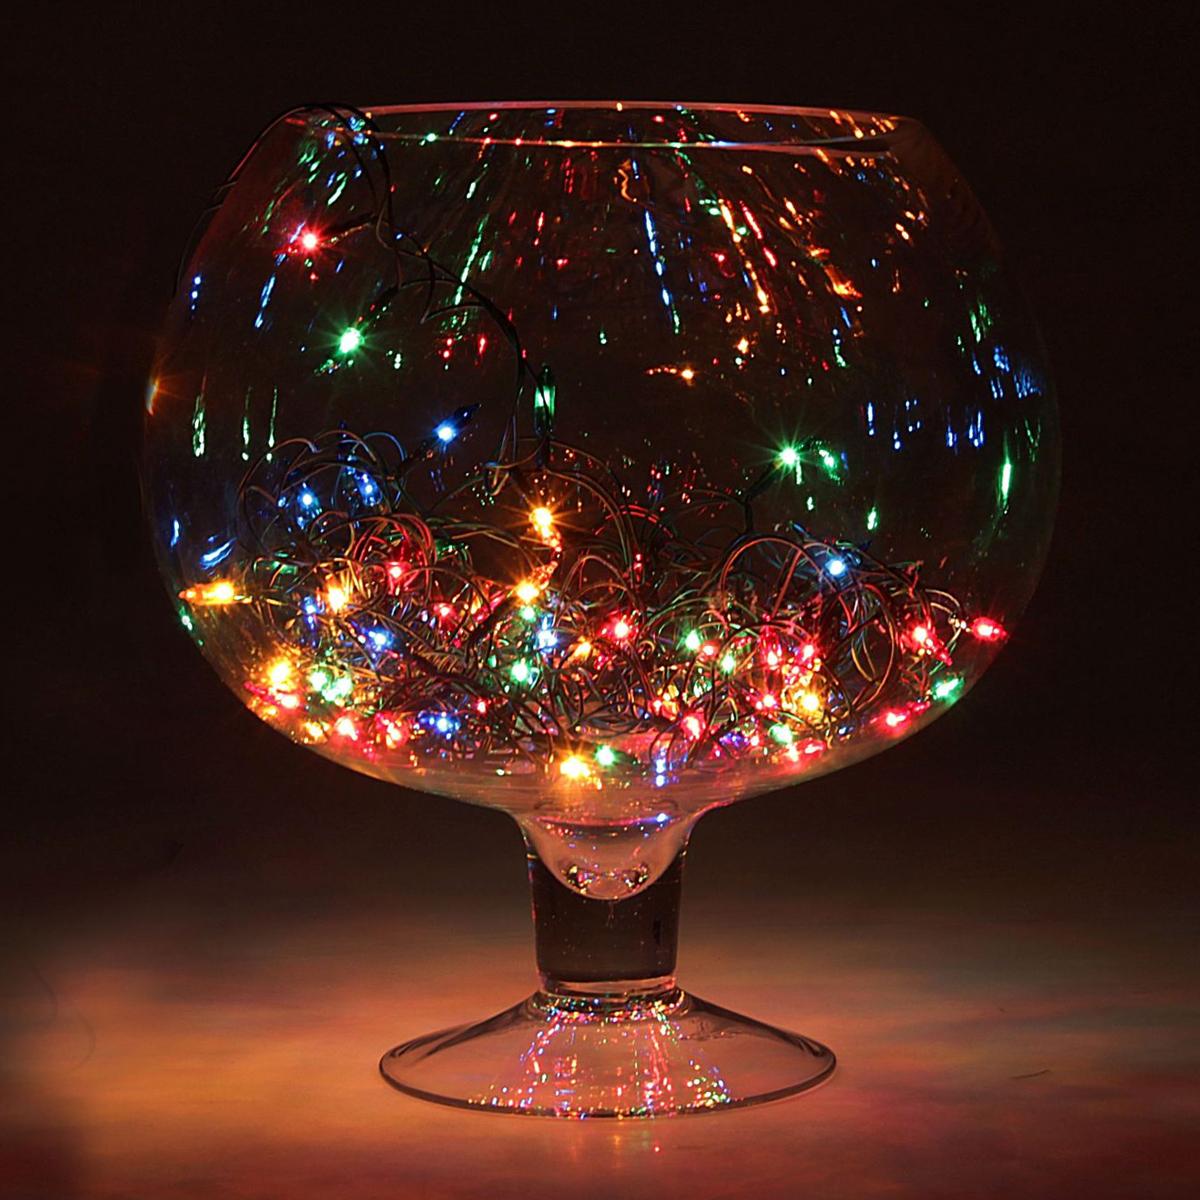 Гирлянда светодиодная Luazon Метраж. Свечка, цвет: мультиколор, 20 ламп, 220 V, длина 1,2 м. 678029 гирлянда luazon метраж свечка 5m led 20 220v multicolor 2388694